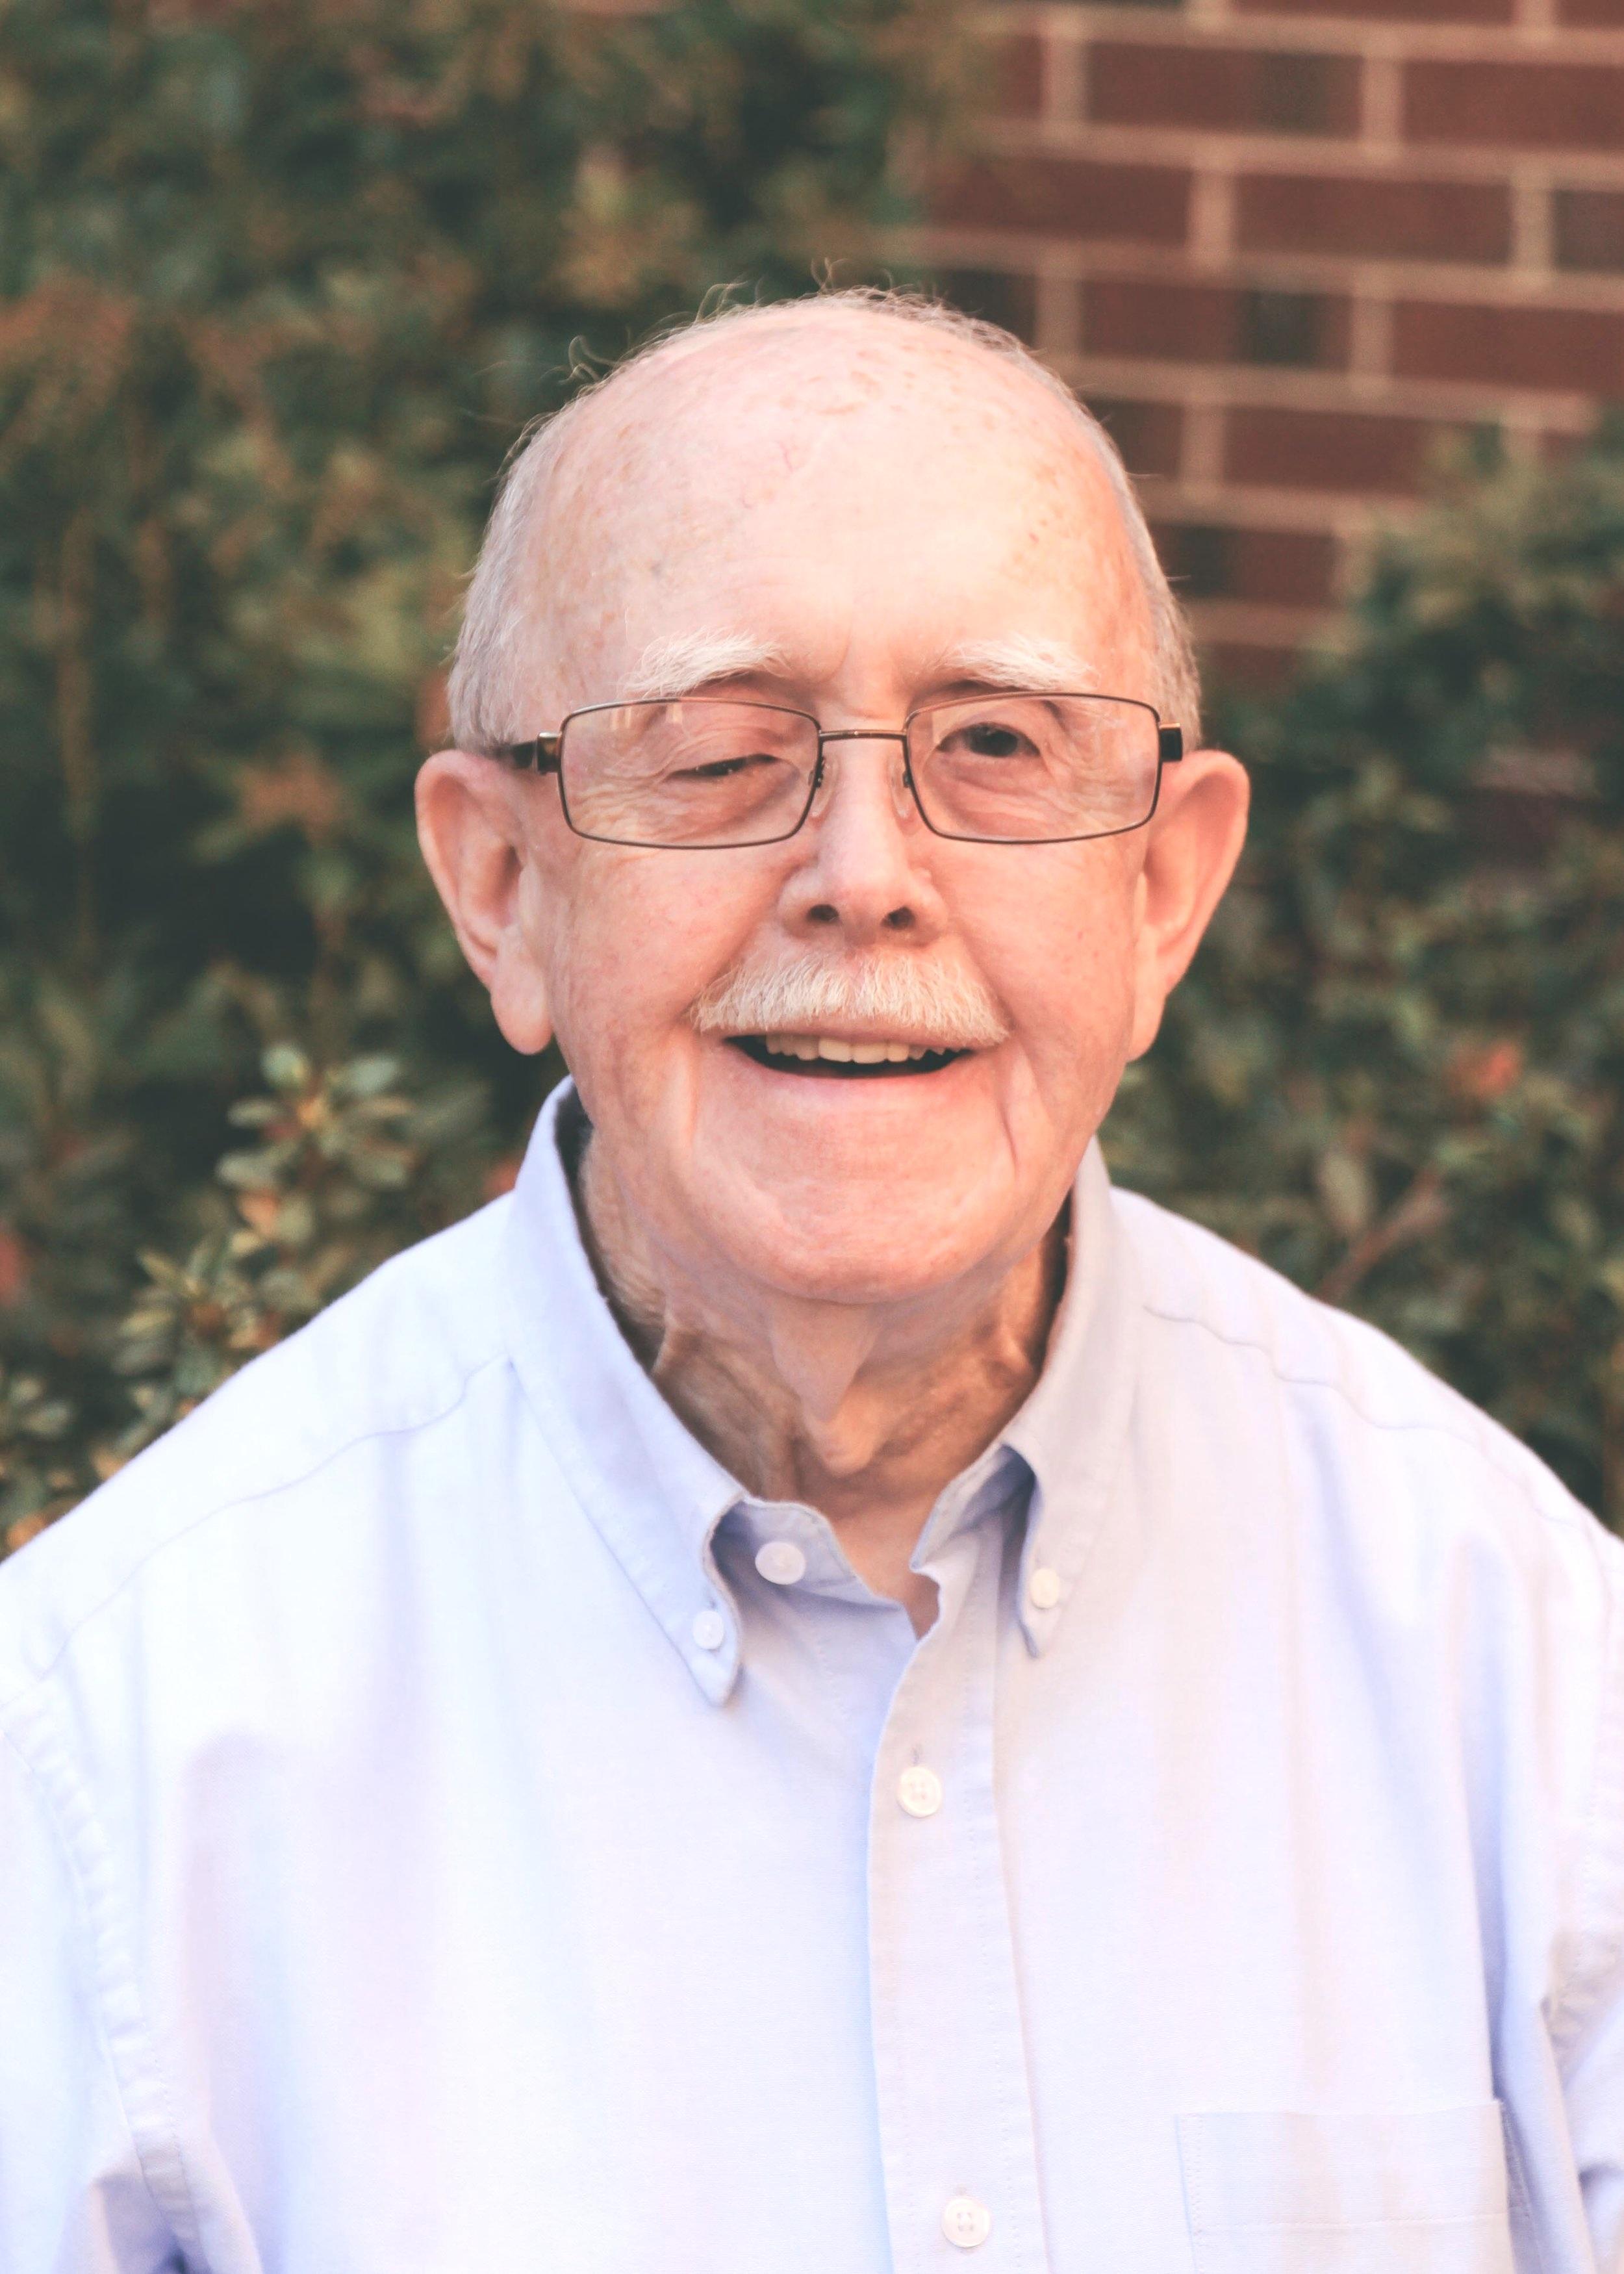 ELMO MCLAURIN /Minister of Senior Adults - emclaurin@bonsackbaptist.org